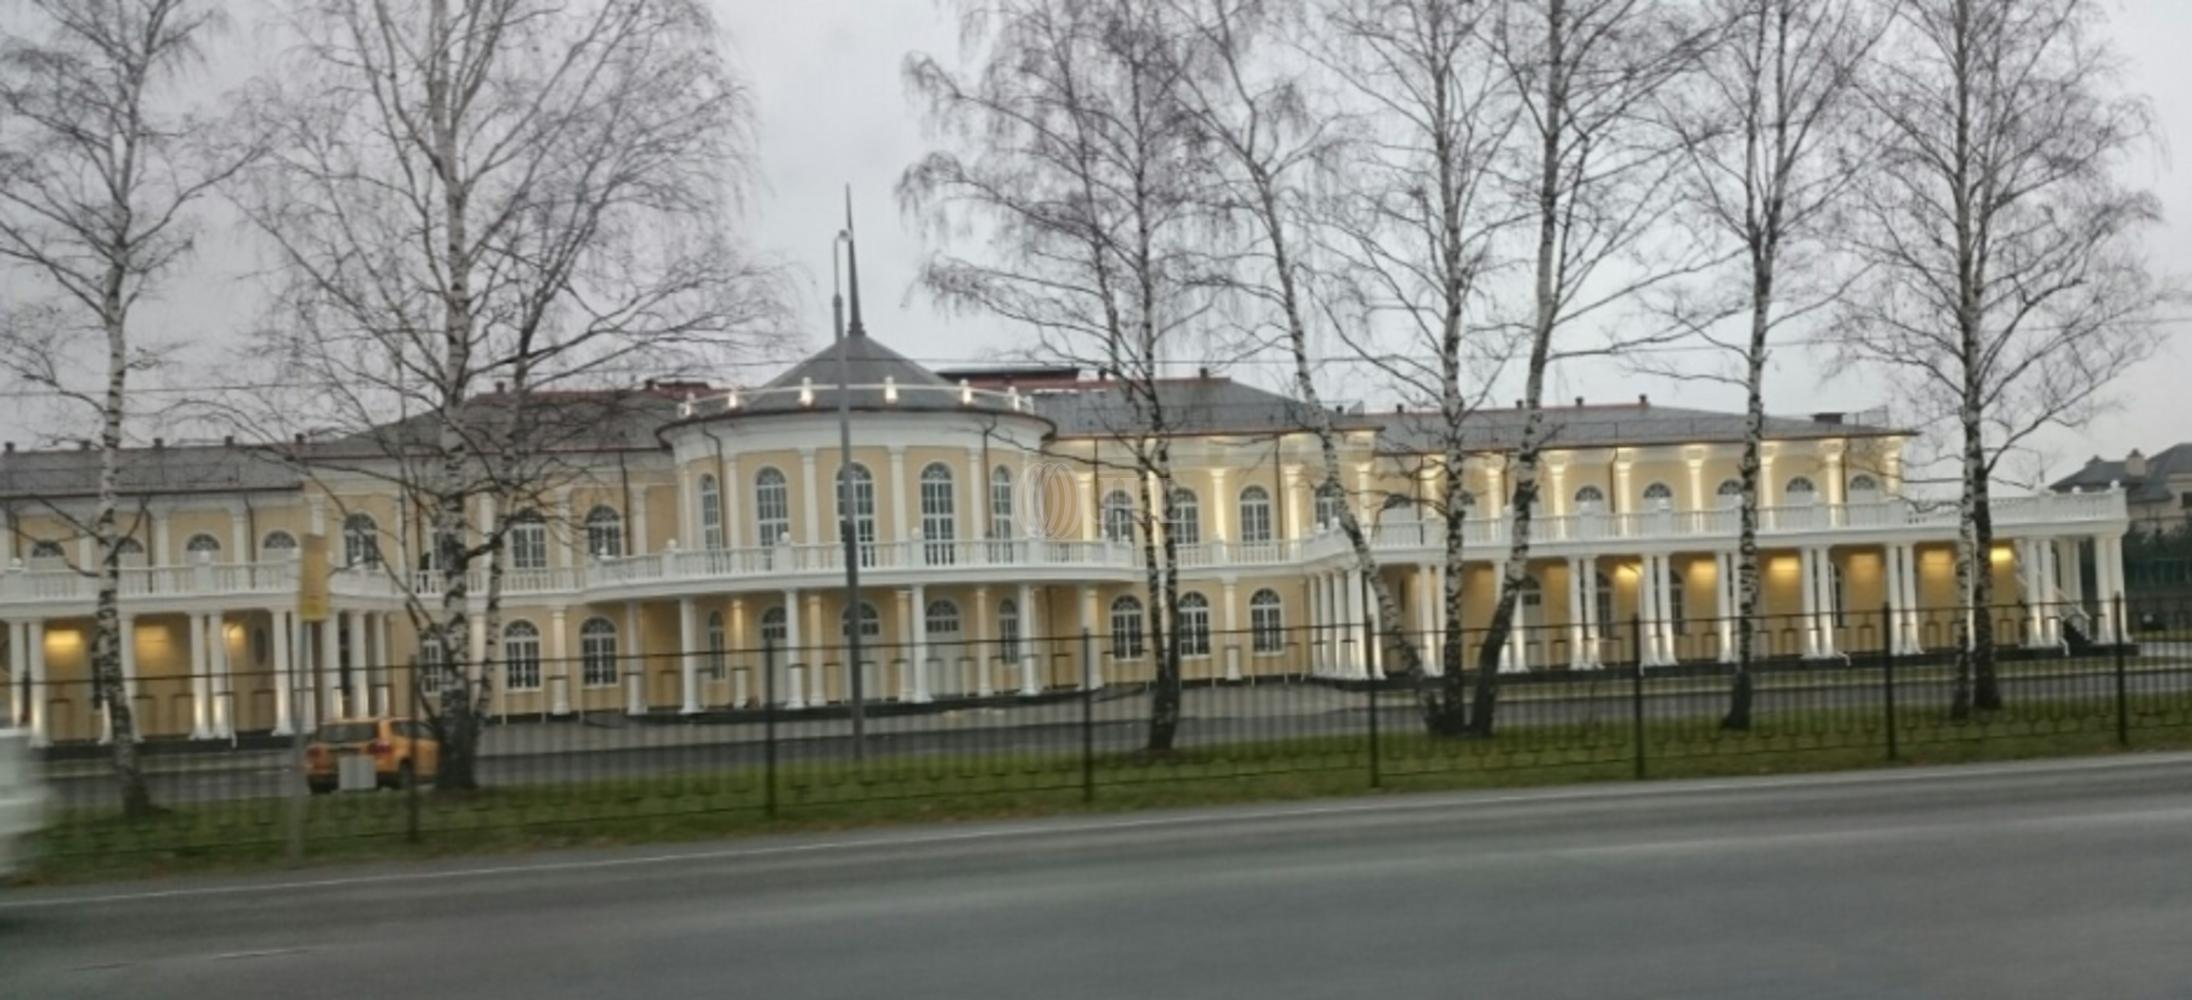 Офисная недвижимость Москва - Рублево-Успенское шоссе,  12 km from MKAD